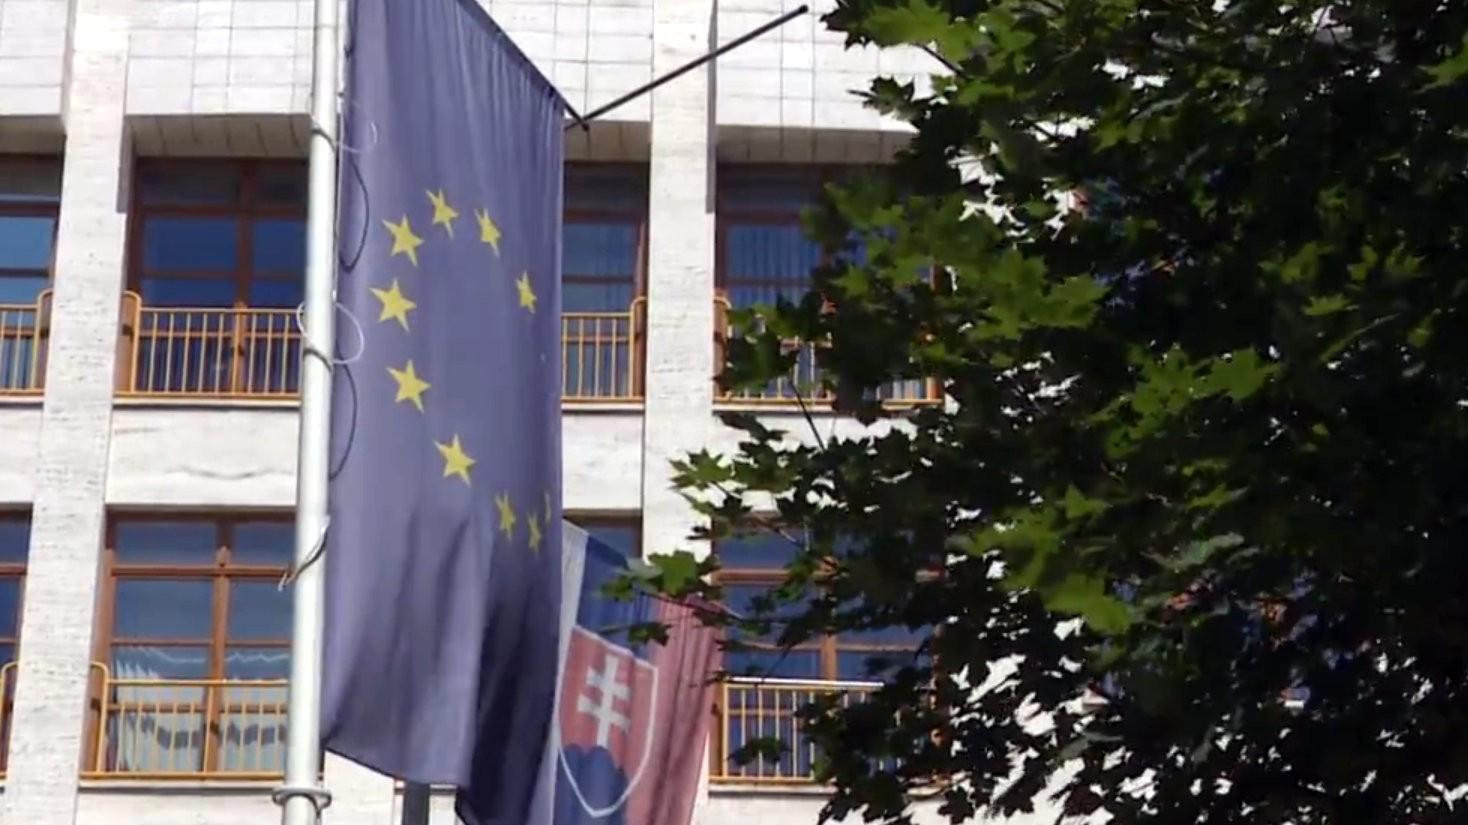 d5e15054283e6 Cudzinci chcú podnikať na Slovensku. Nevedia sa prebiť cez byrokraciu |  Noviny.sk